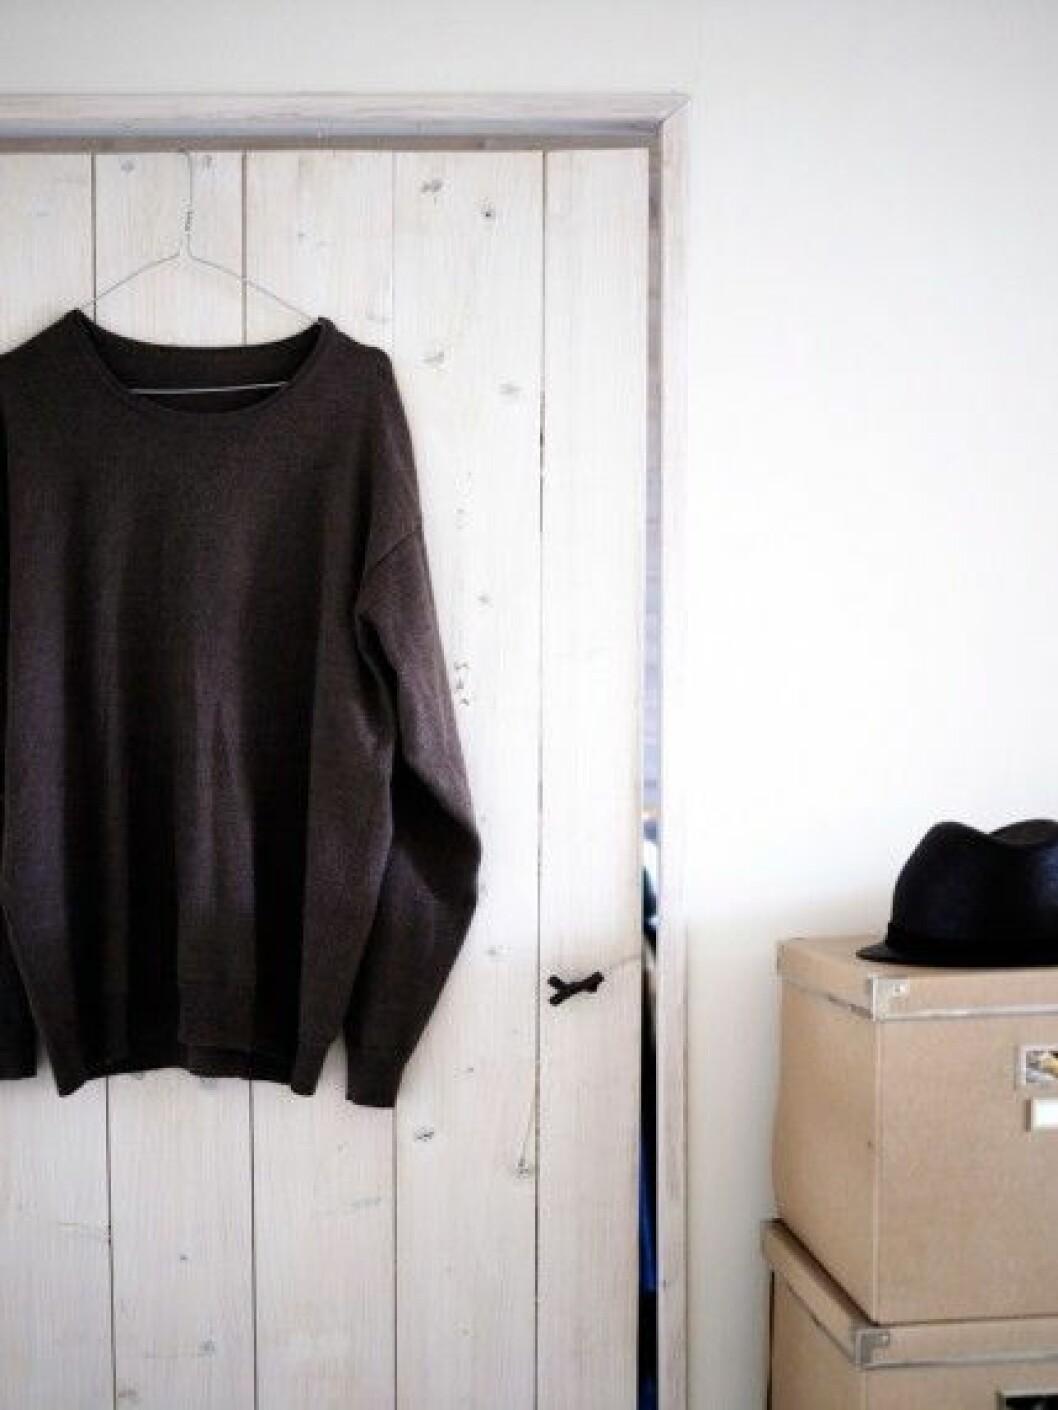 kläder-förvaring-garderob-foto-anna-kern